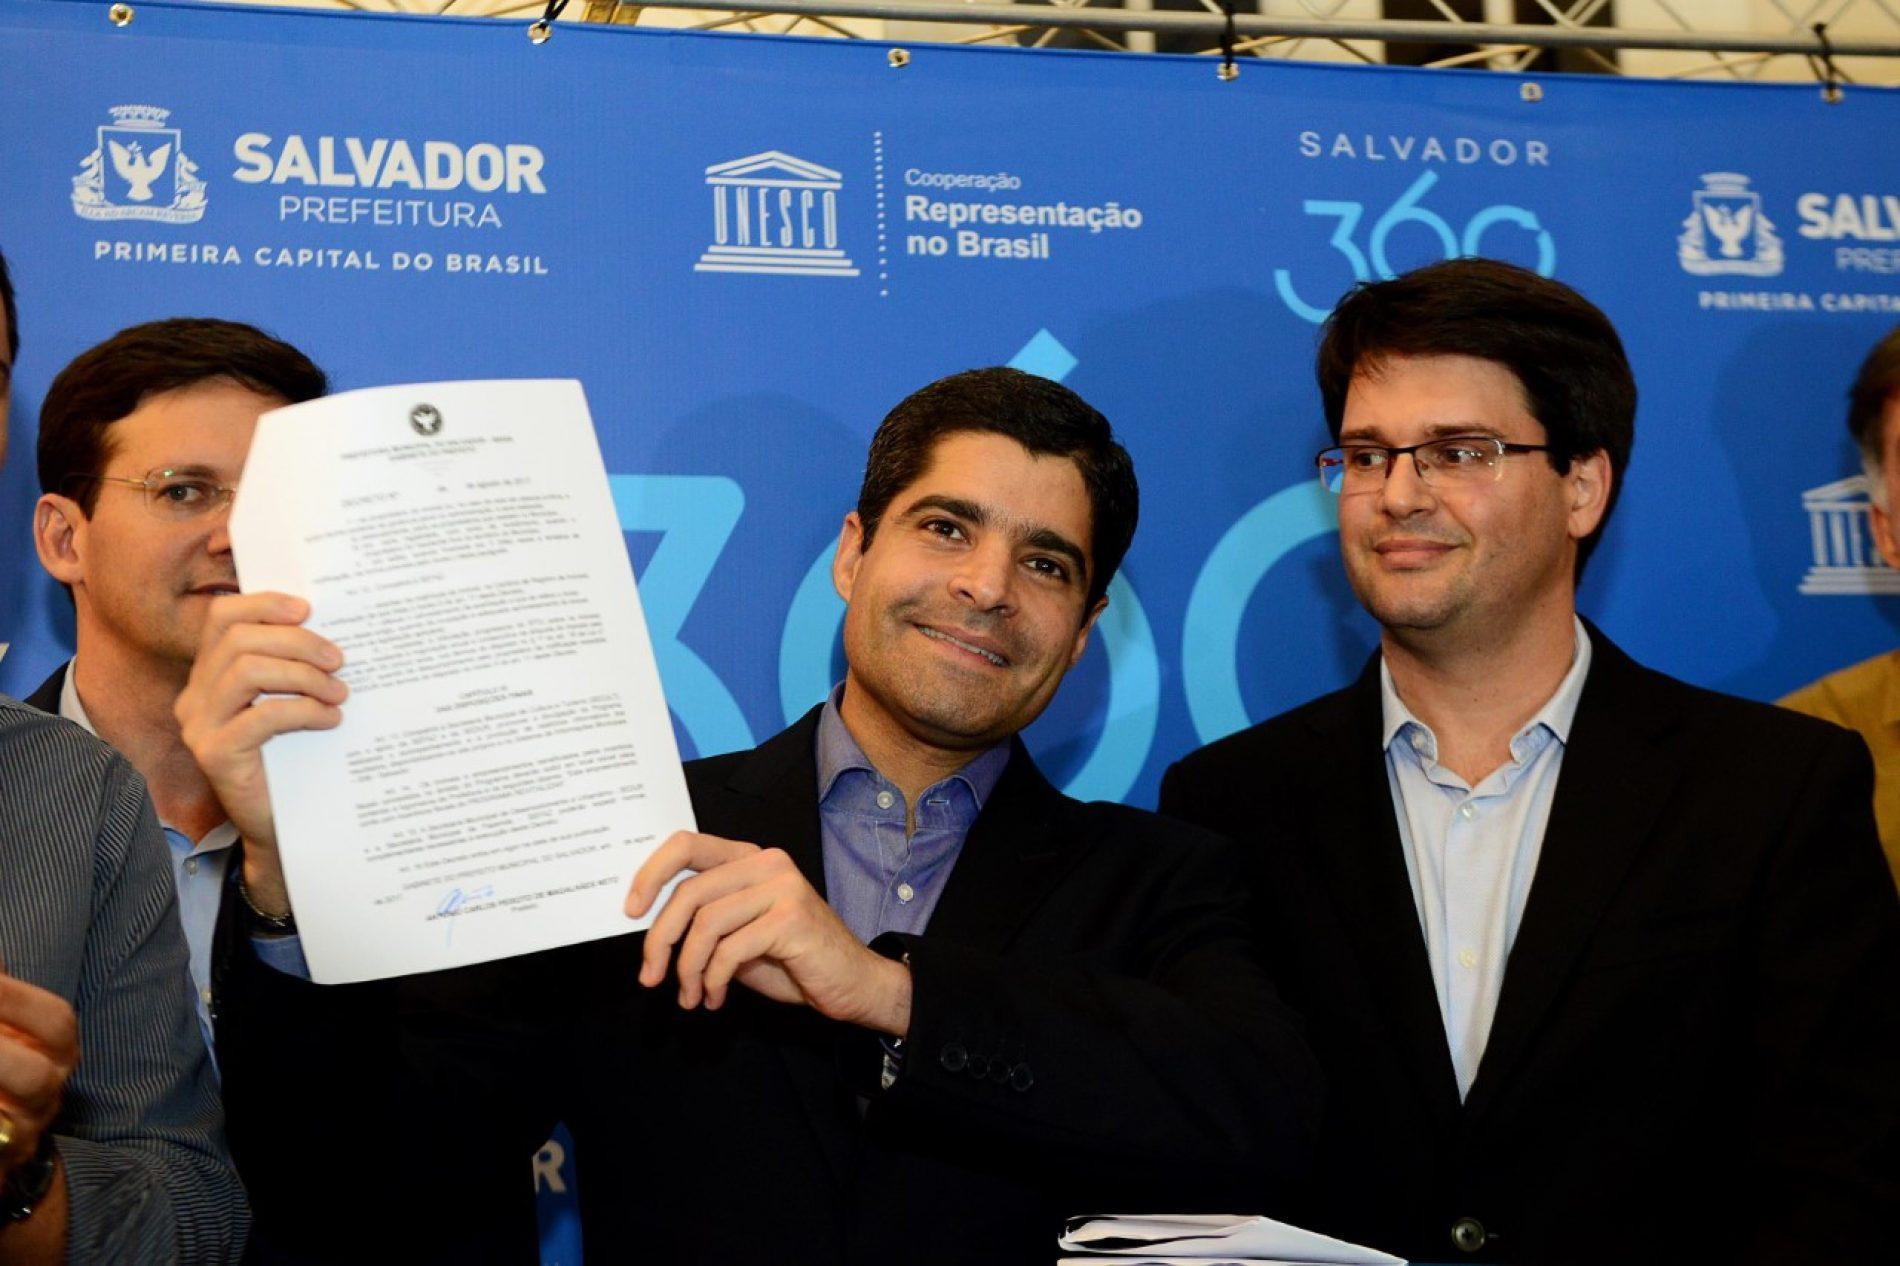 Salvador 360: Prefeitura lança maior programa para desenvolvimento do Centro Histórico